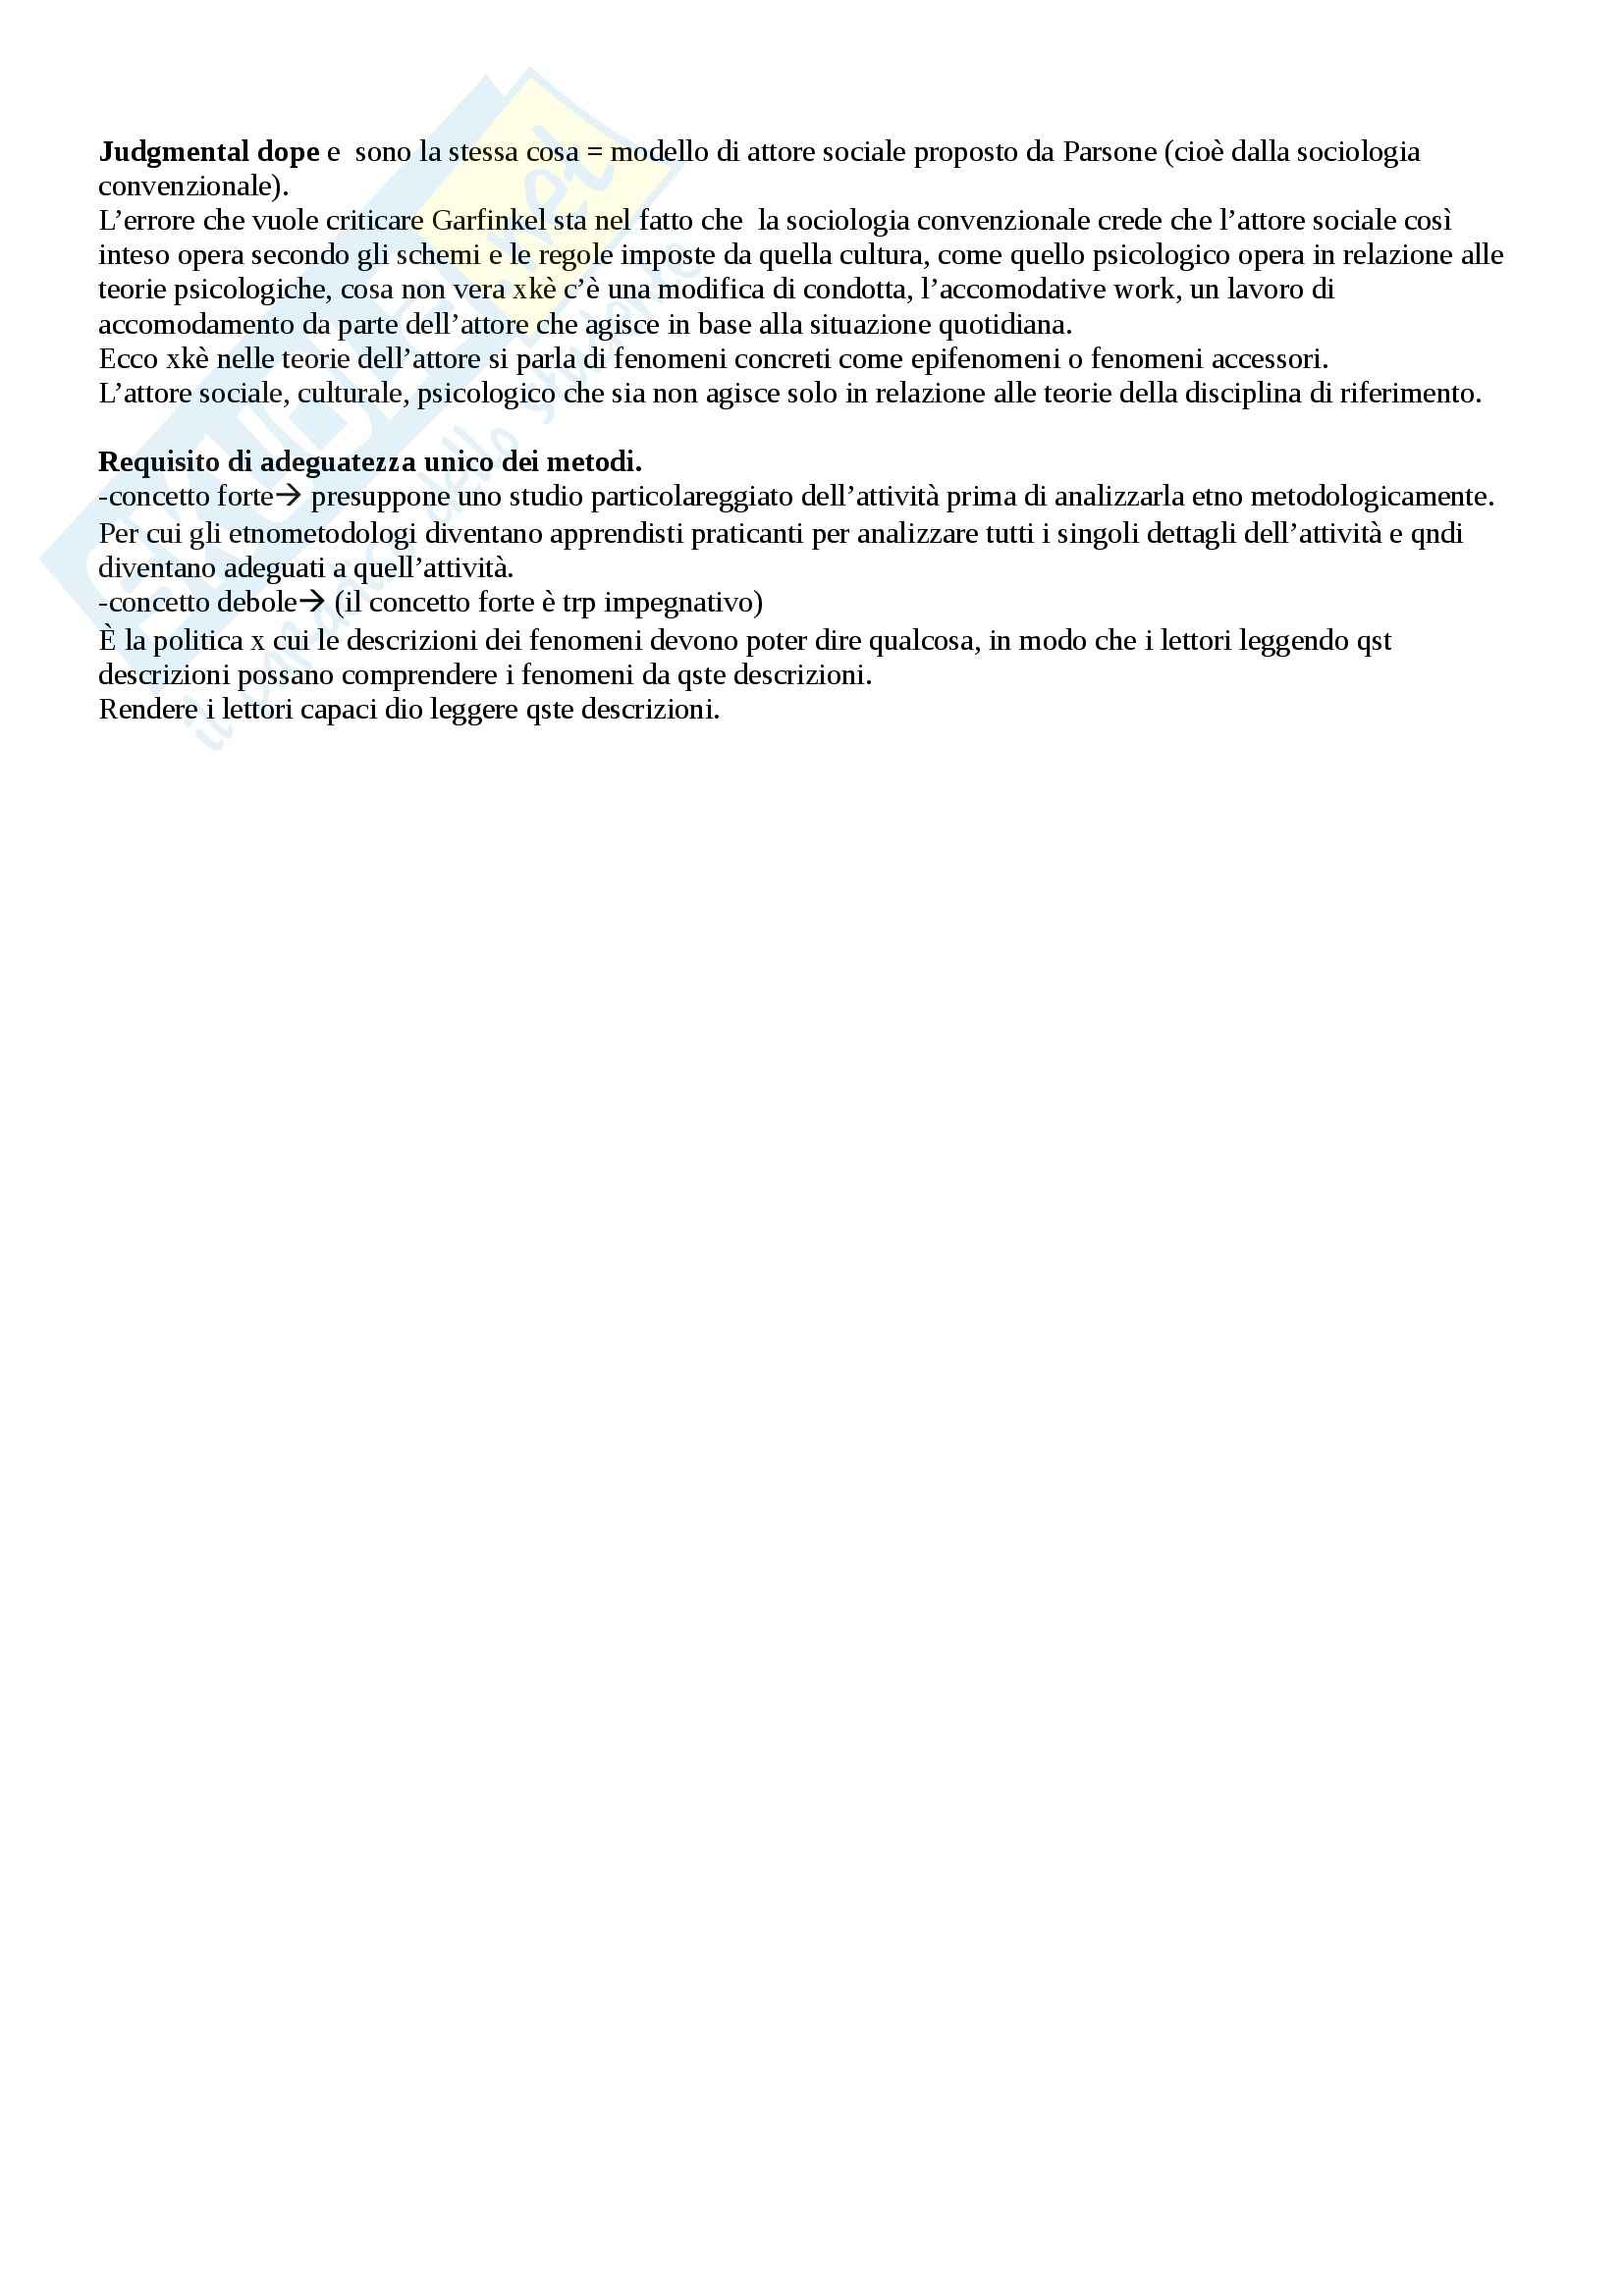 Riassunto esame Sociologia, prof. Sena, libro consigliato Etnometodologia e sociologia in Garfinkel Pag. 26